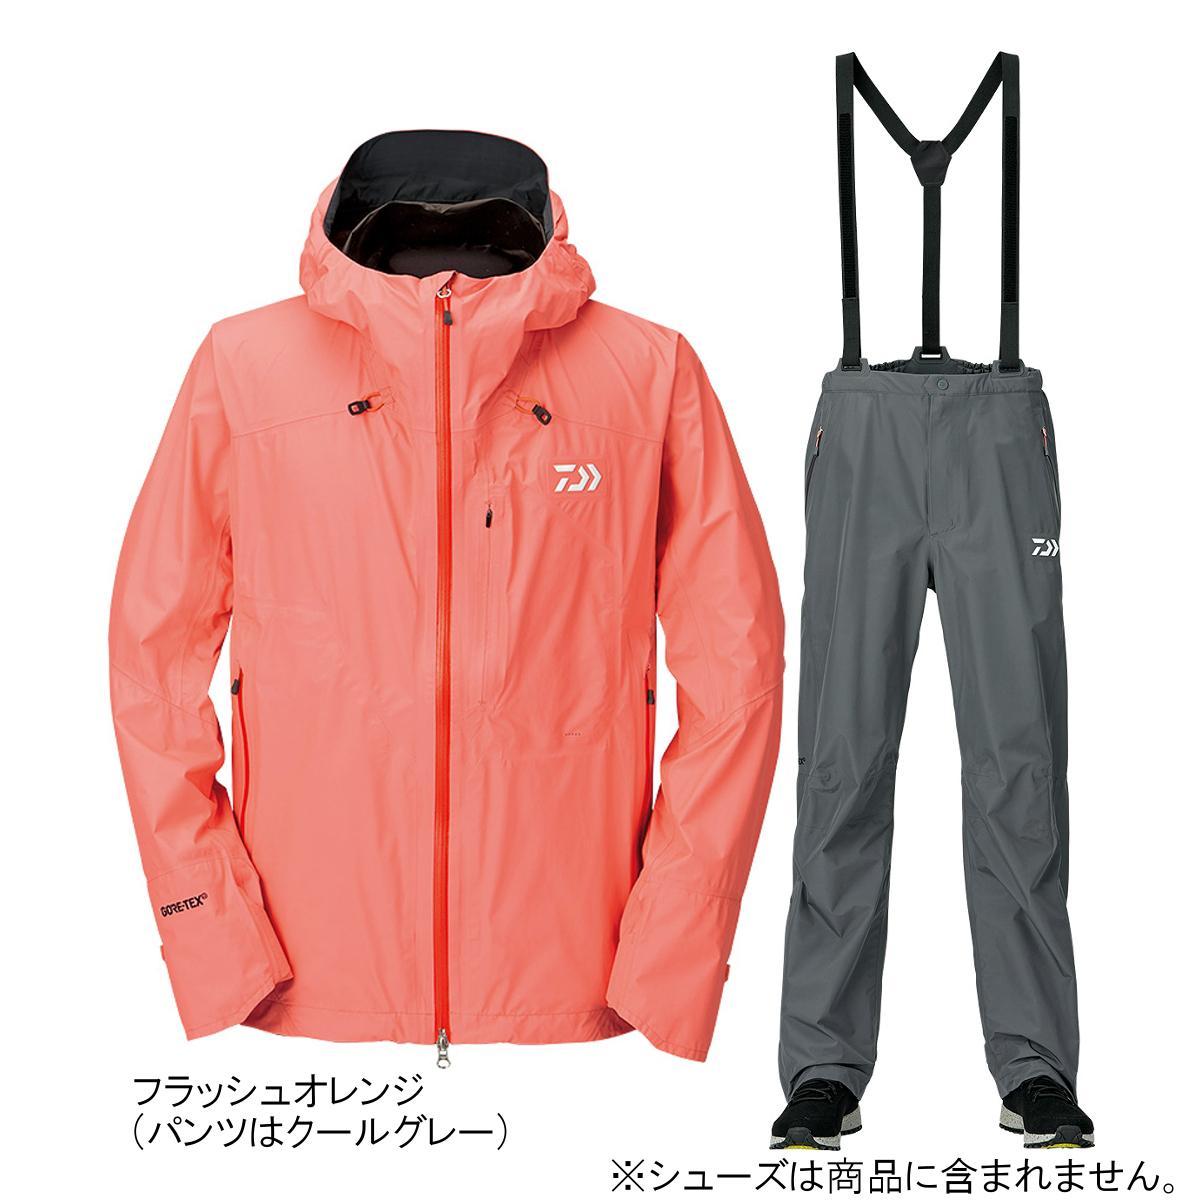 ダイワ ゴアテックス パックライトプラス レインスーツ DR-16009 M フラッシュオレンジ【送料無料】